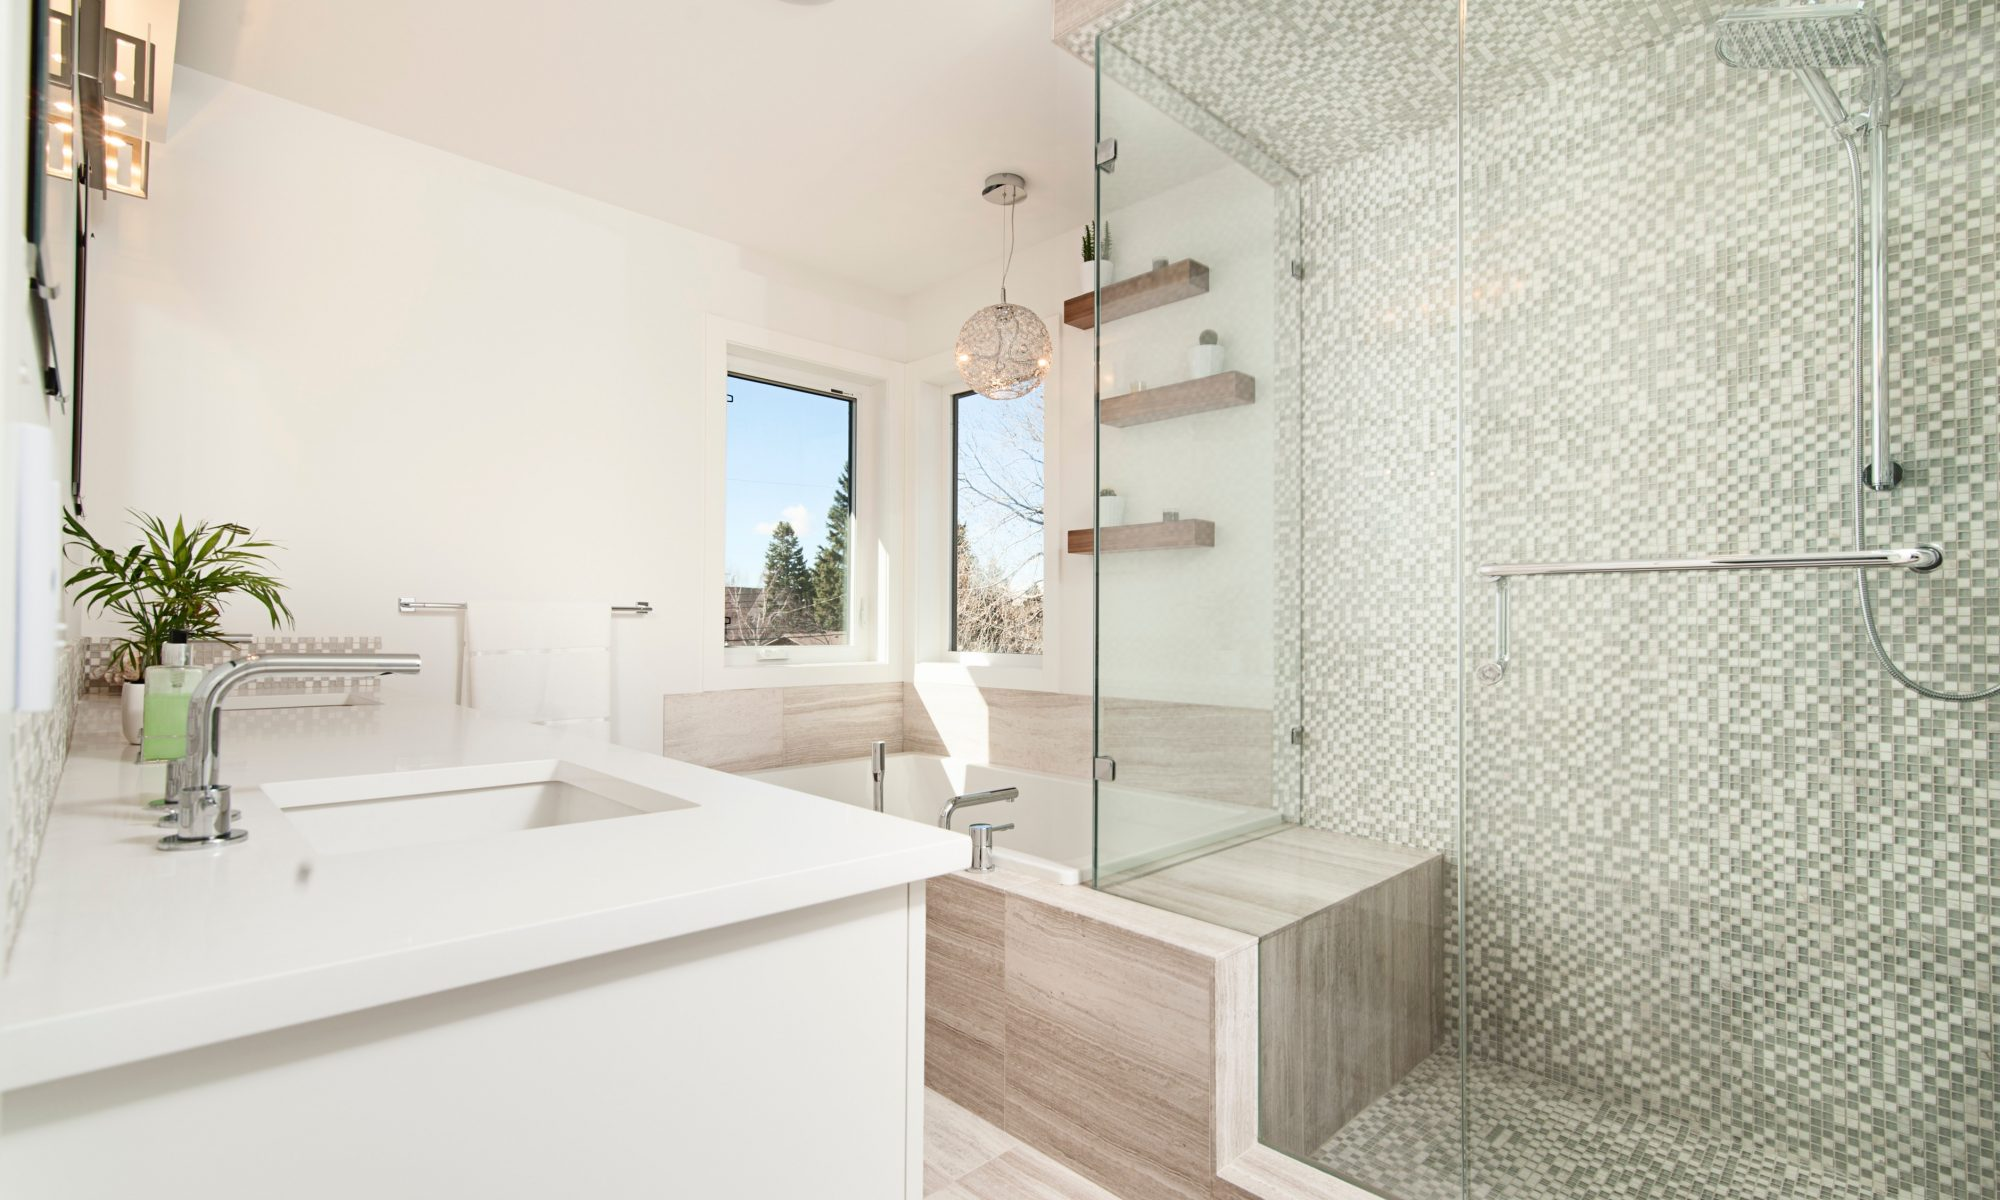 Sådan kan du ændre udseendet på badeværelset med få penge